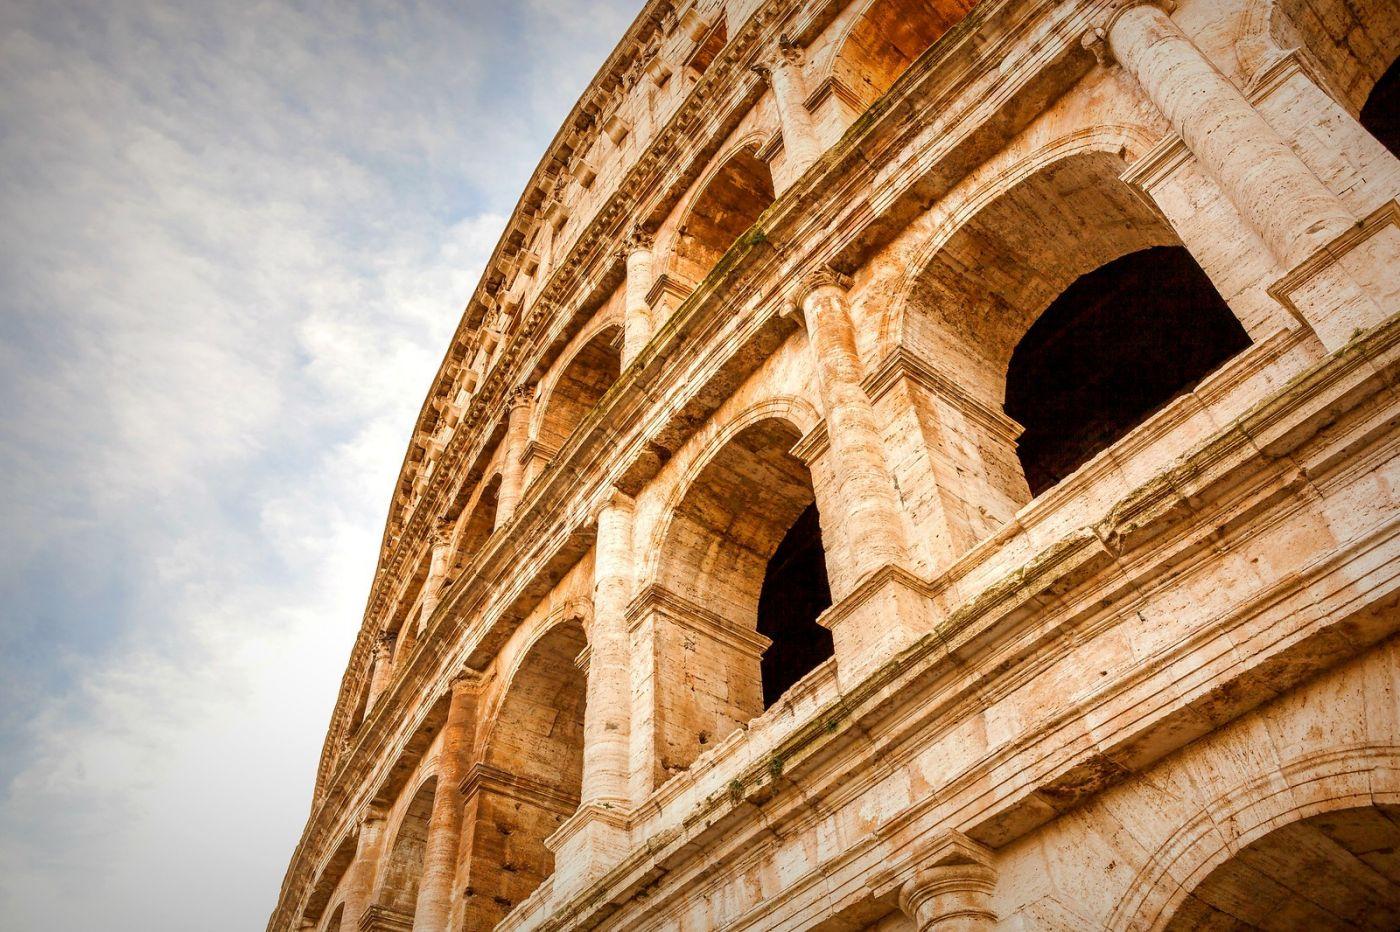 罗马斗兽场(Colosseum), 两千年的宏大建筑古迹_图1-24